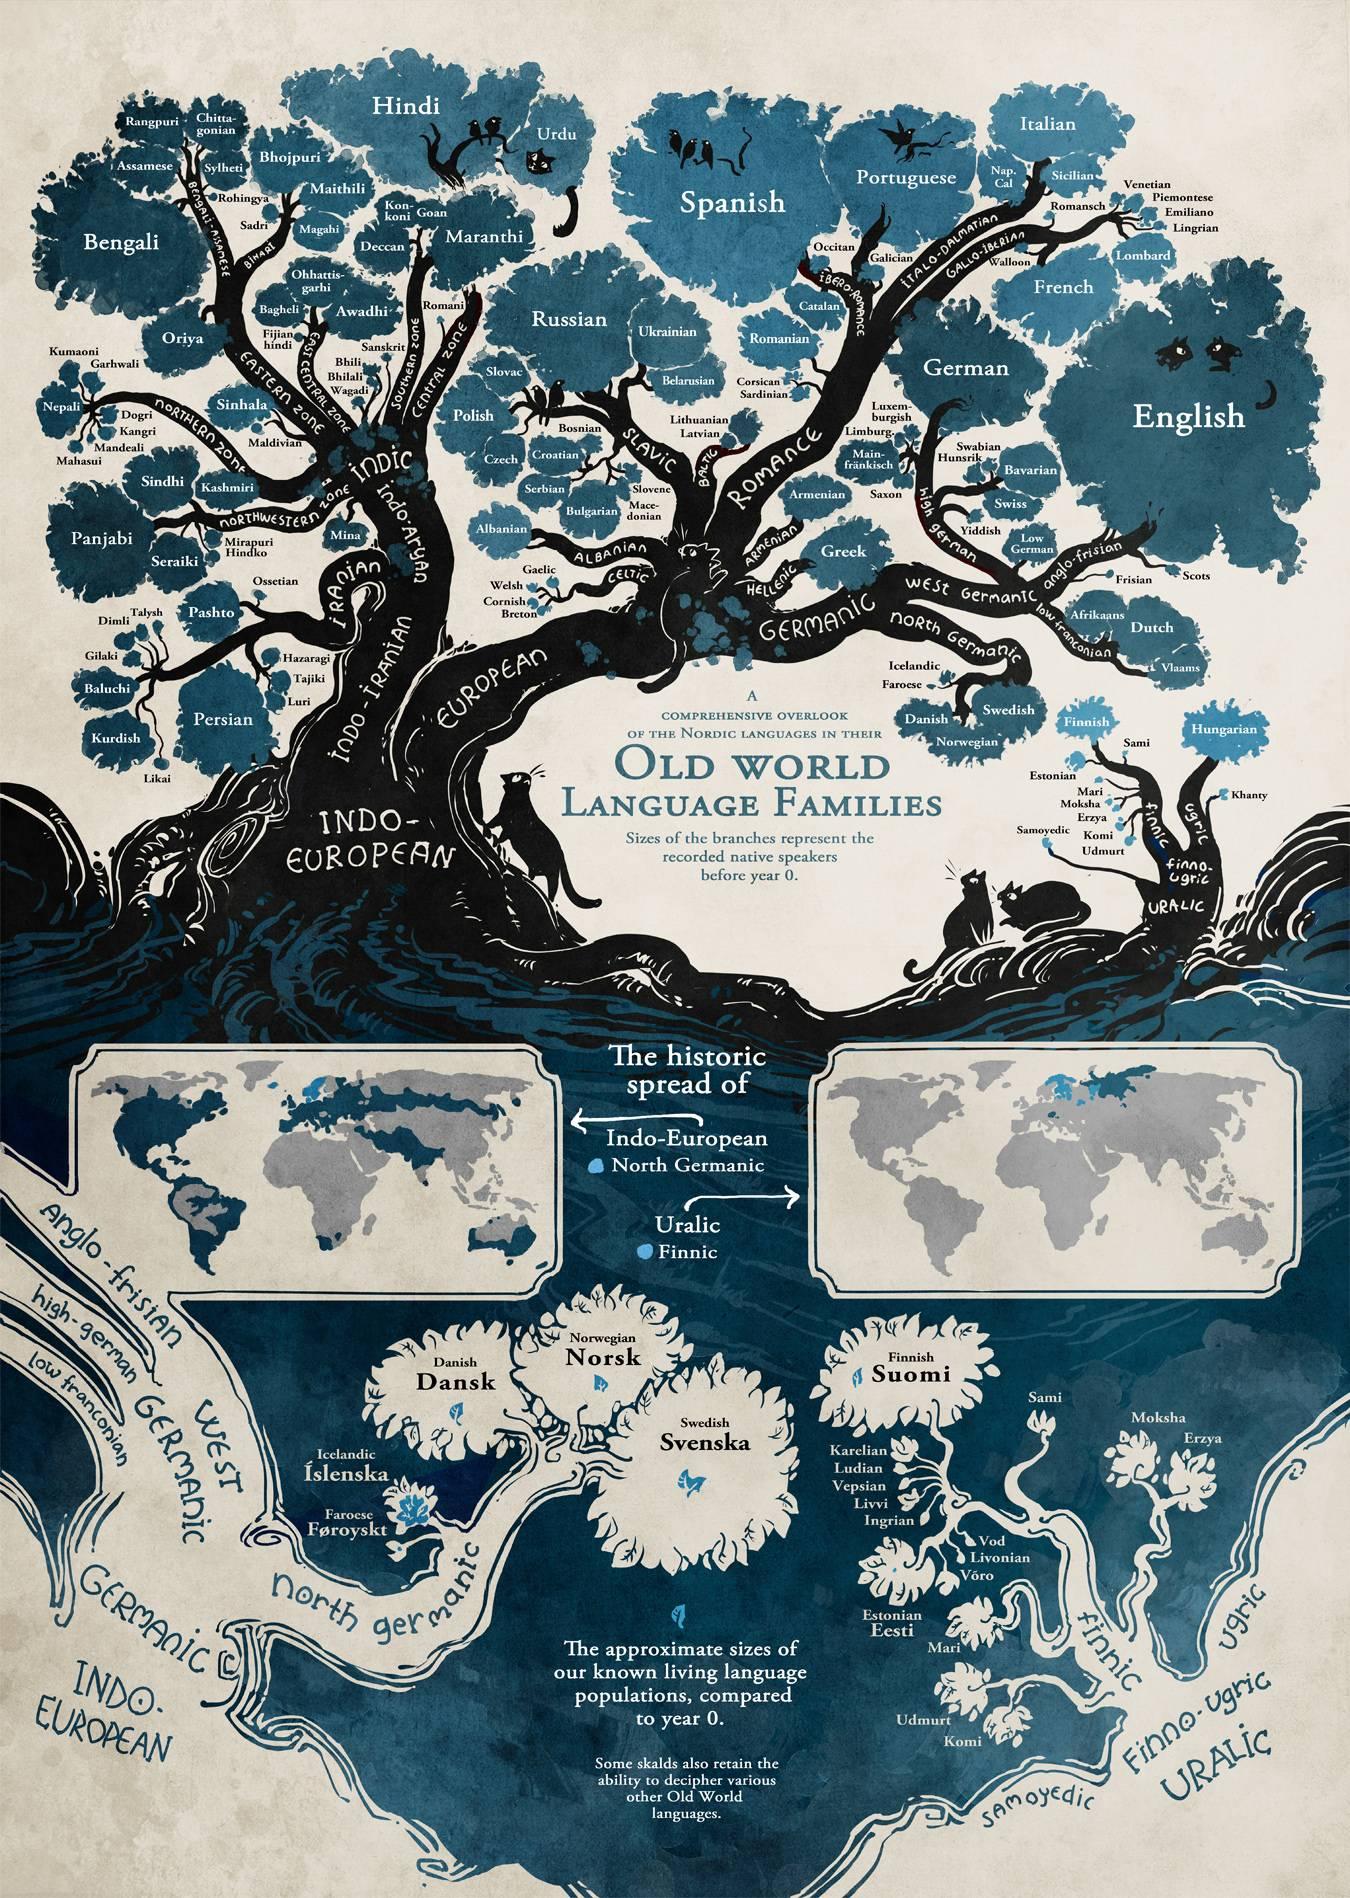 L Origine Des Langues Dans Un Arbre Genealogique Video